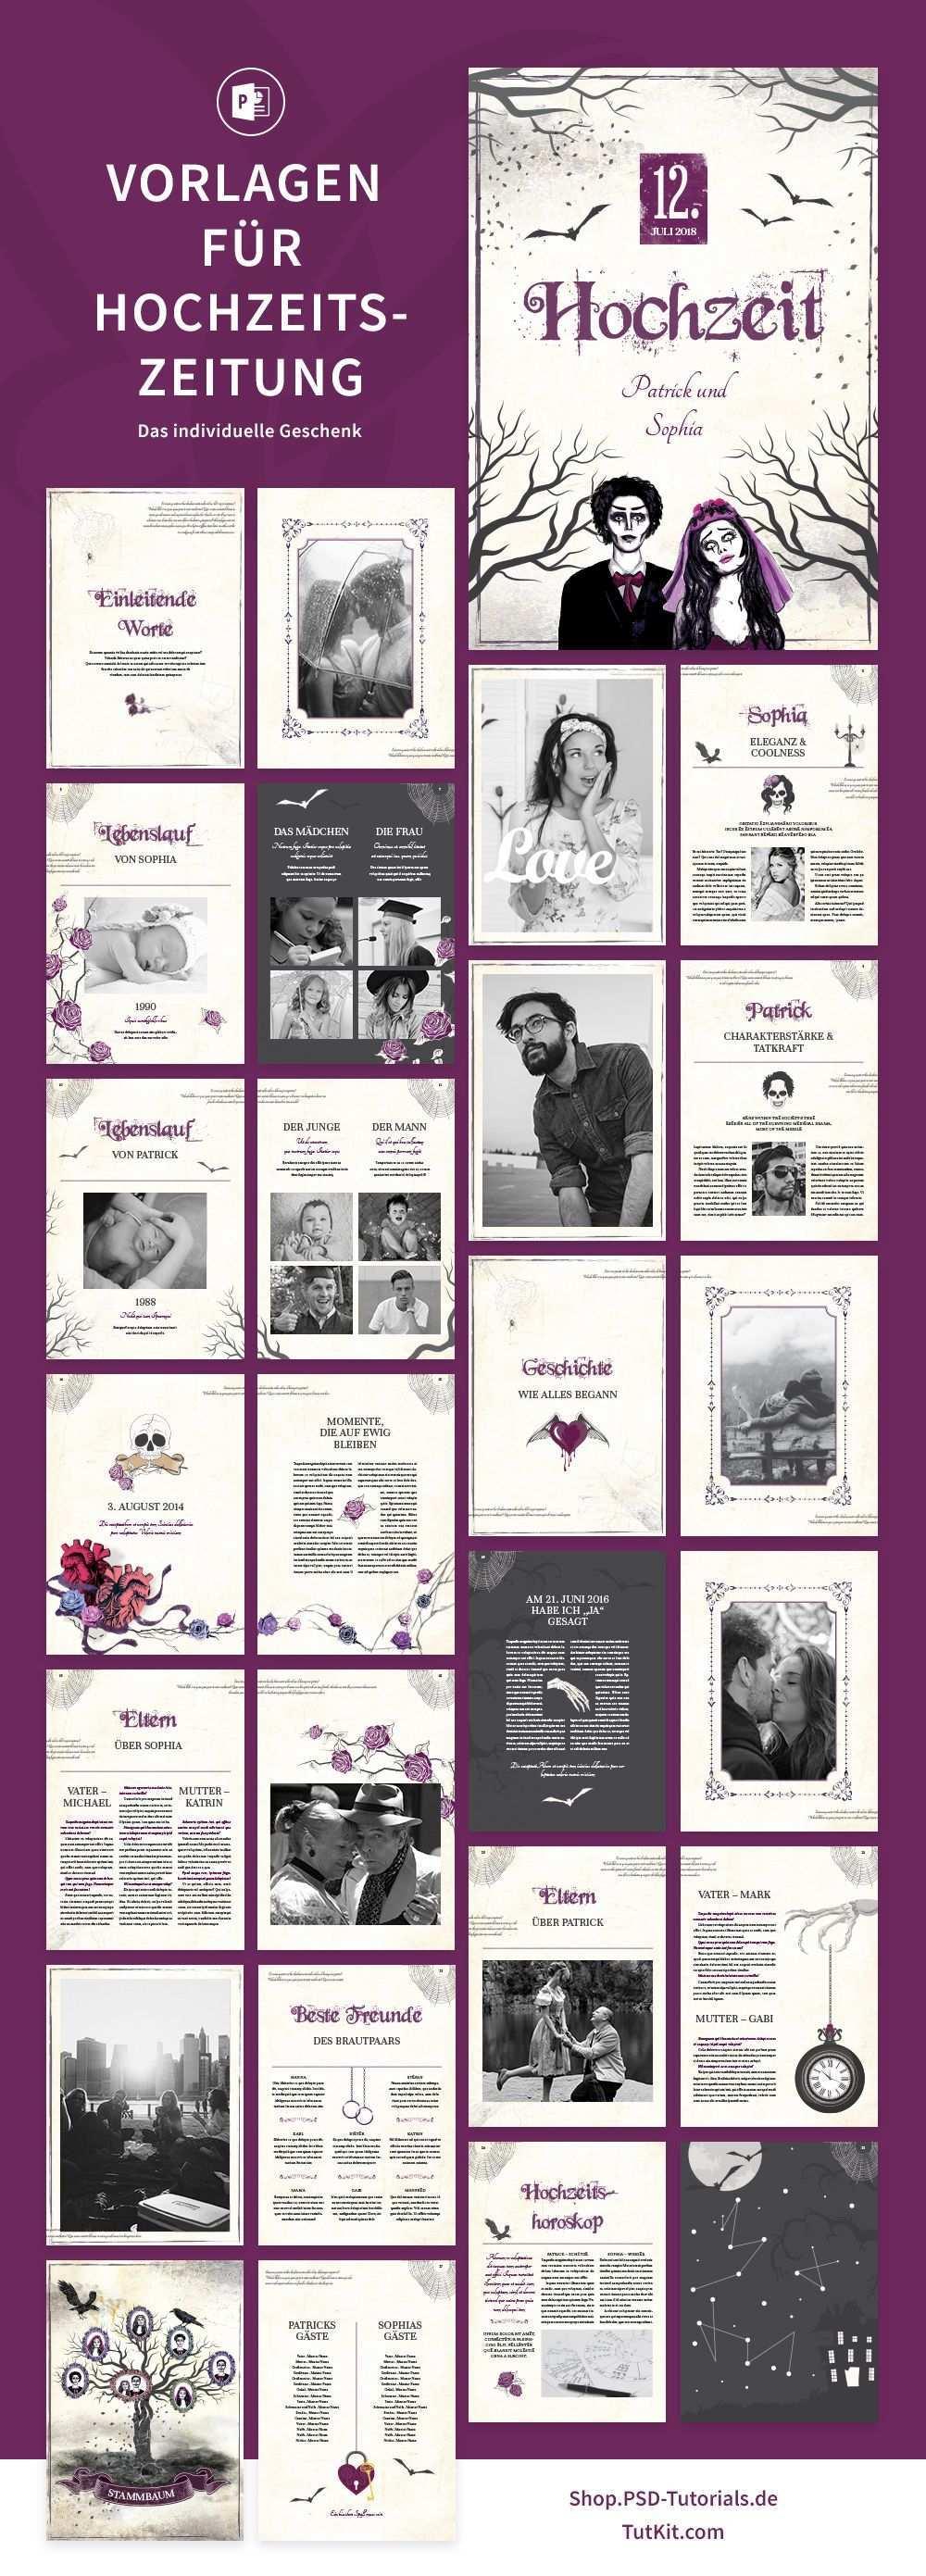 Hochzeitszeitung Vorlagen Fur Powerpoint Indesign Hochzeitszeitung Hochzeitseinladungen Selbst Gestalten Hochzeitsfotoalbum